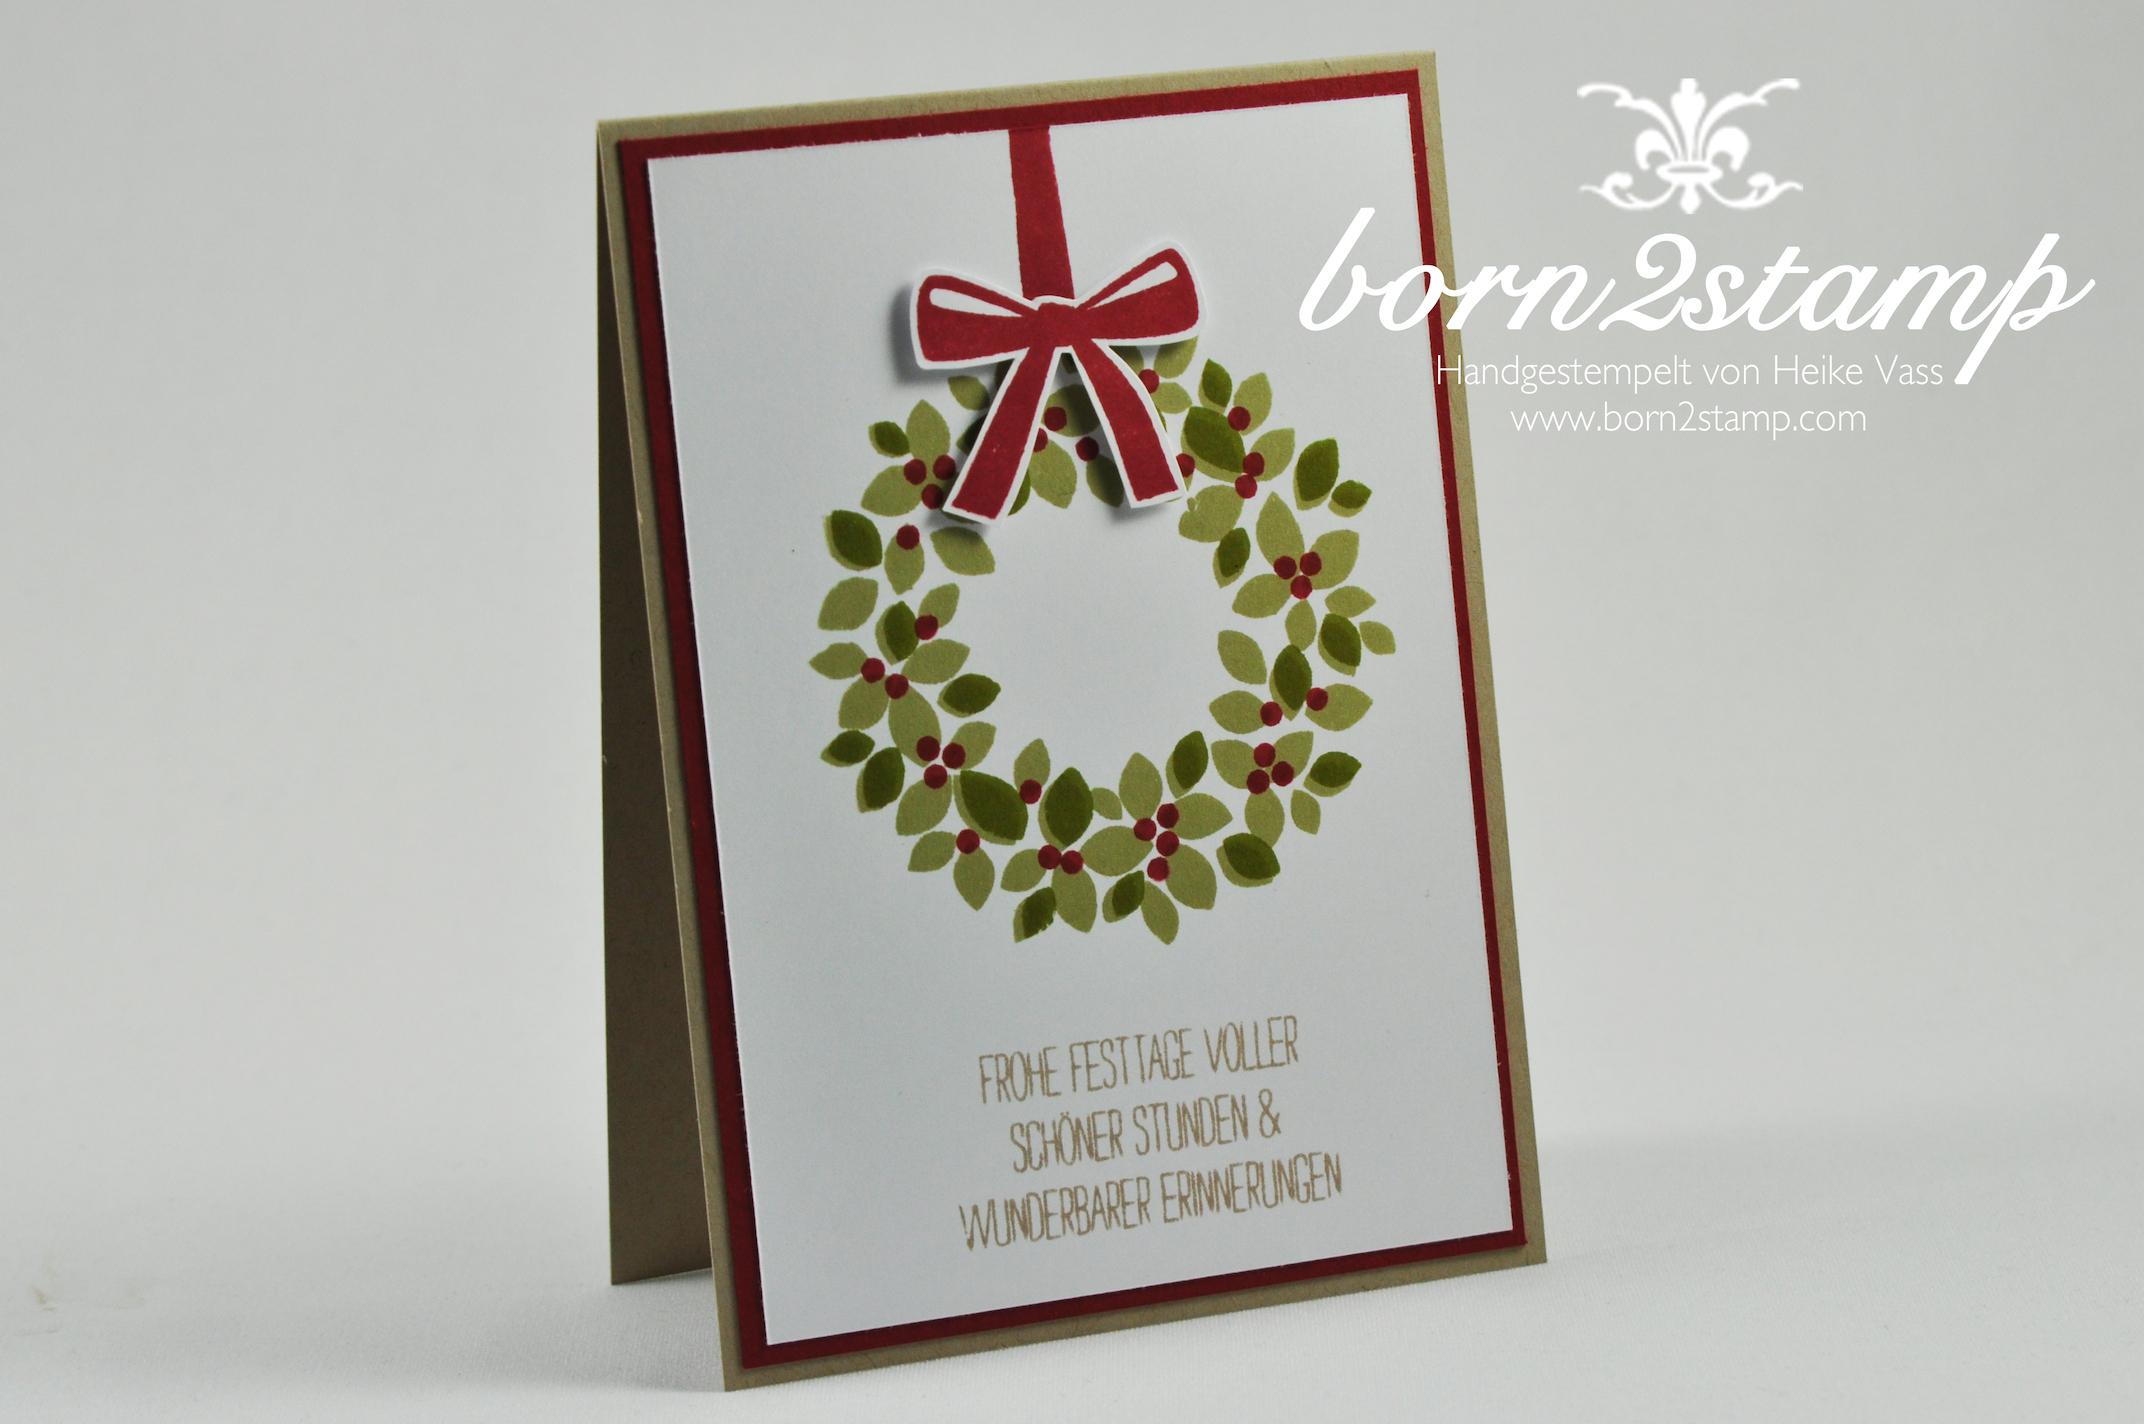 christmas in august erste weihnachtskarten born2stamp heike vass. Black Bedroom Furniture Sets. Home Design Ideas